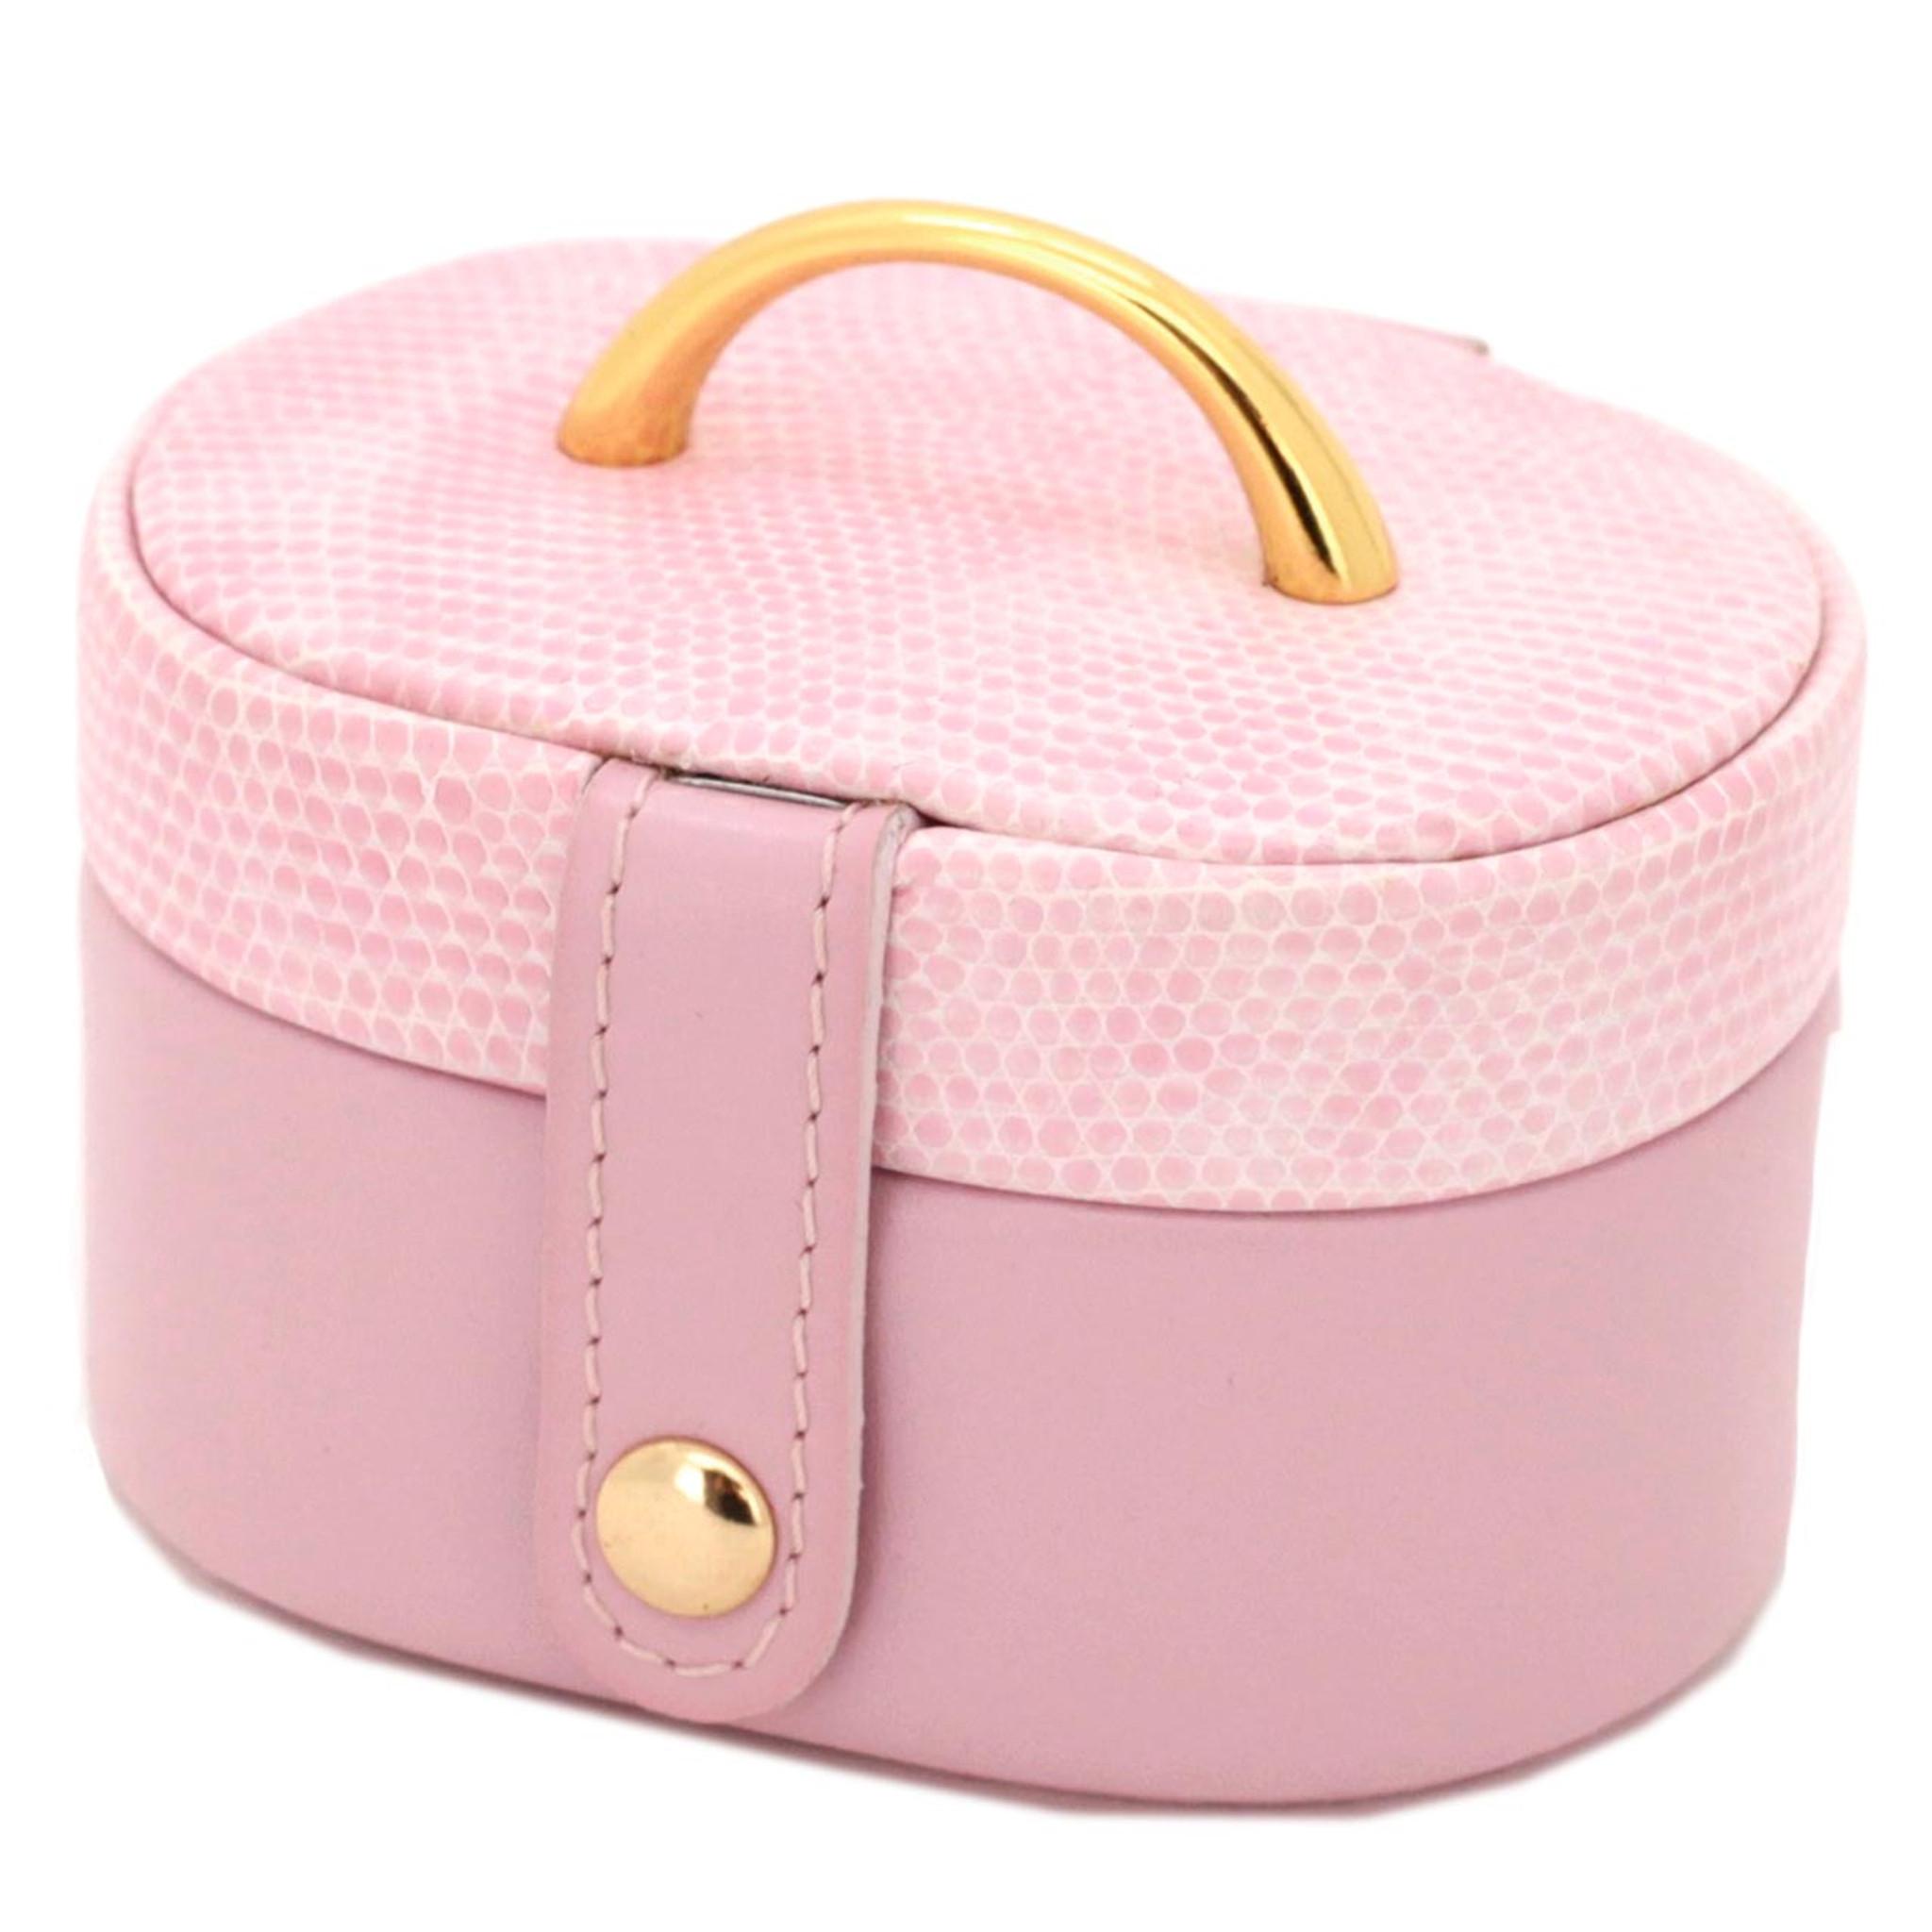 Mini Jewelry Box In Pink